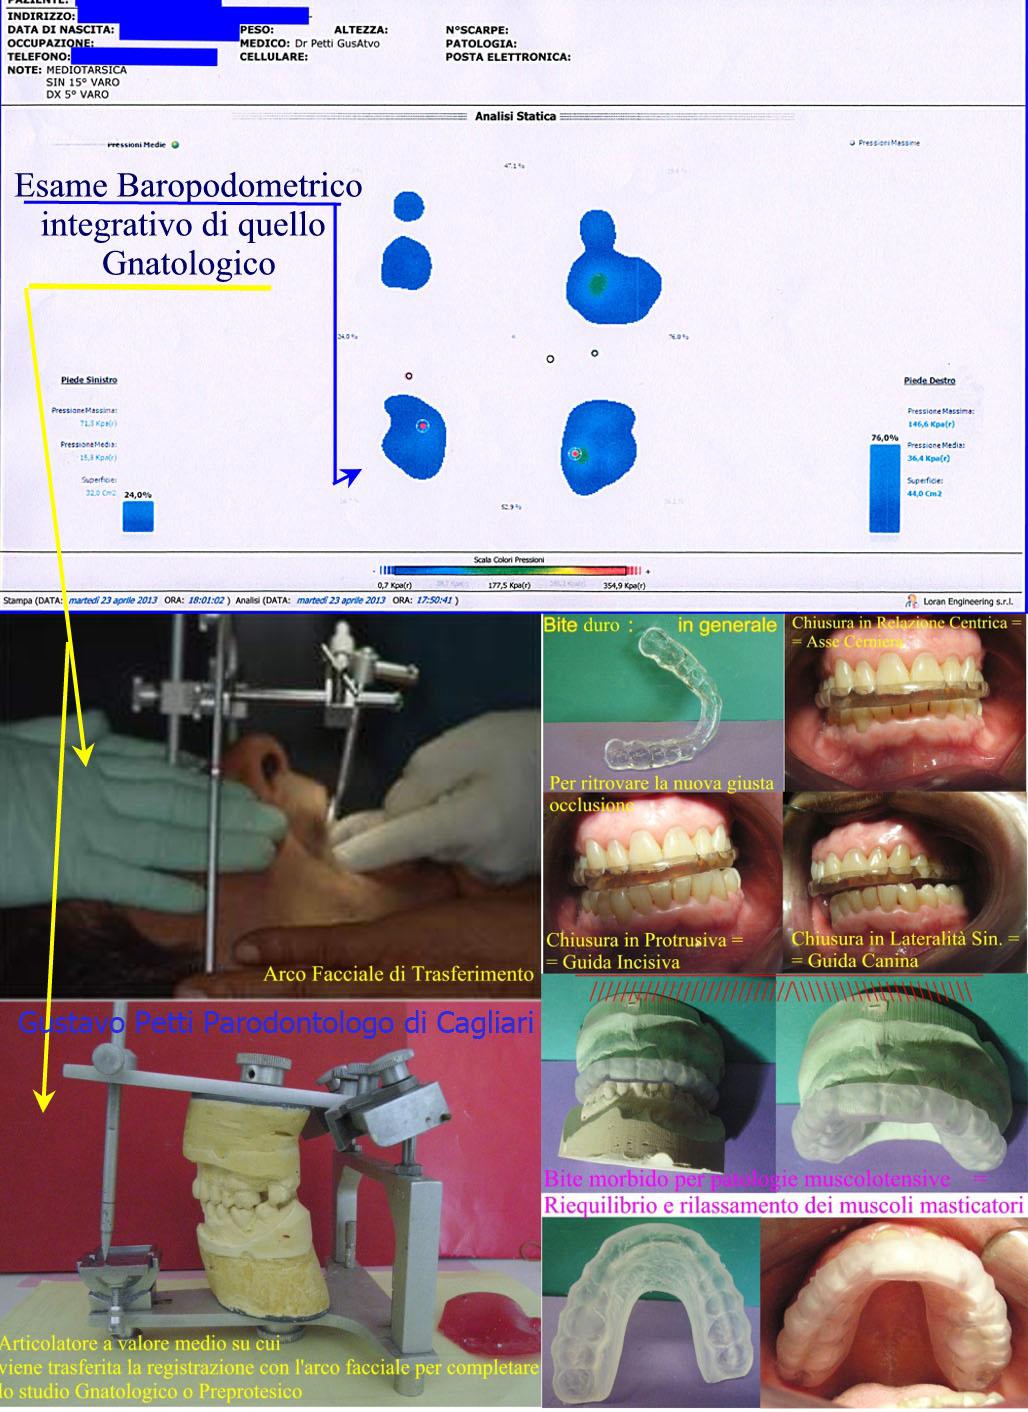 gnatologia-dr-g.petti-cagliari-t.jpg